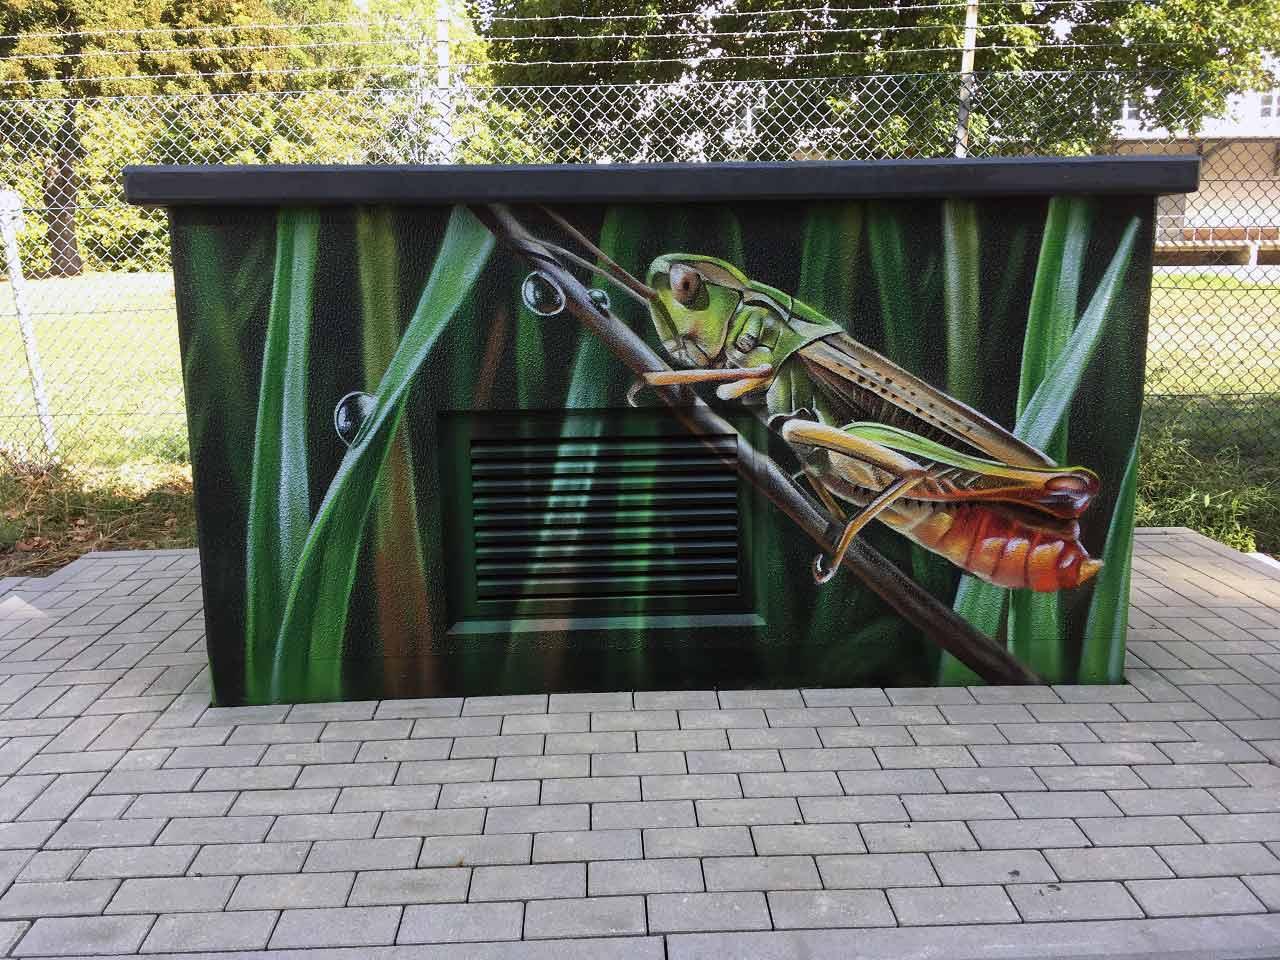 Straßenkunst am Stromkasten